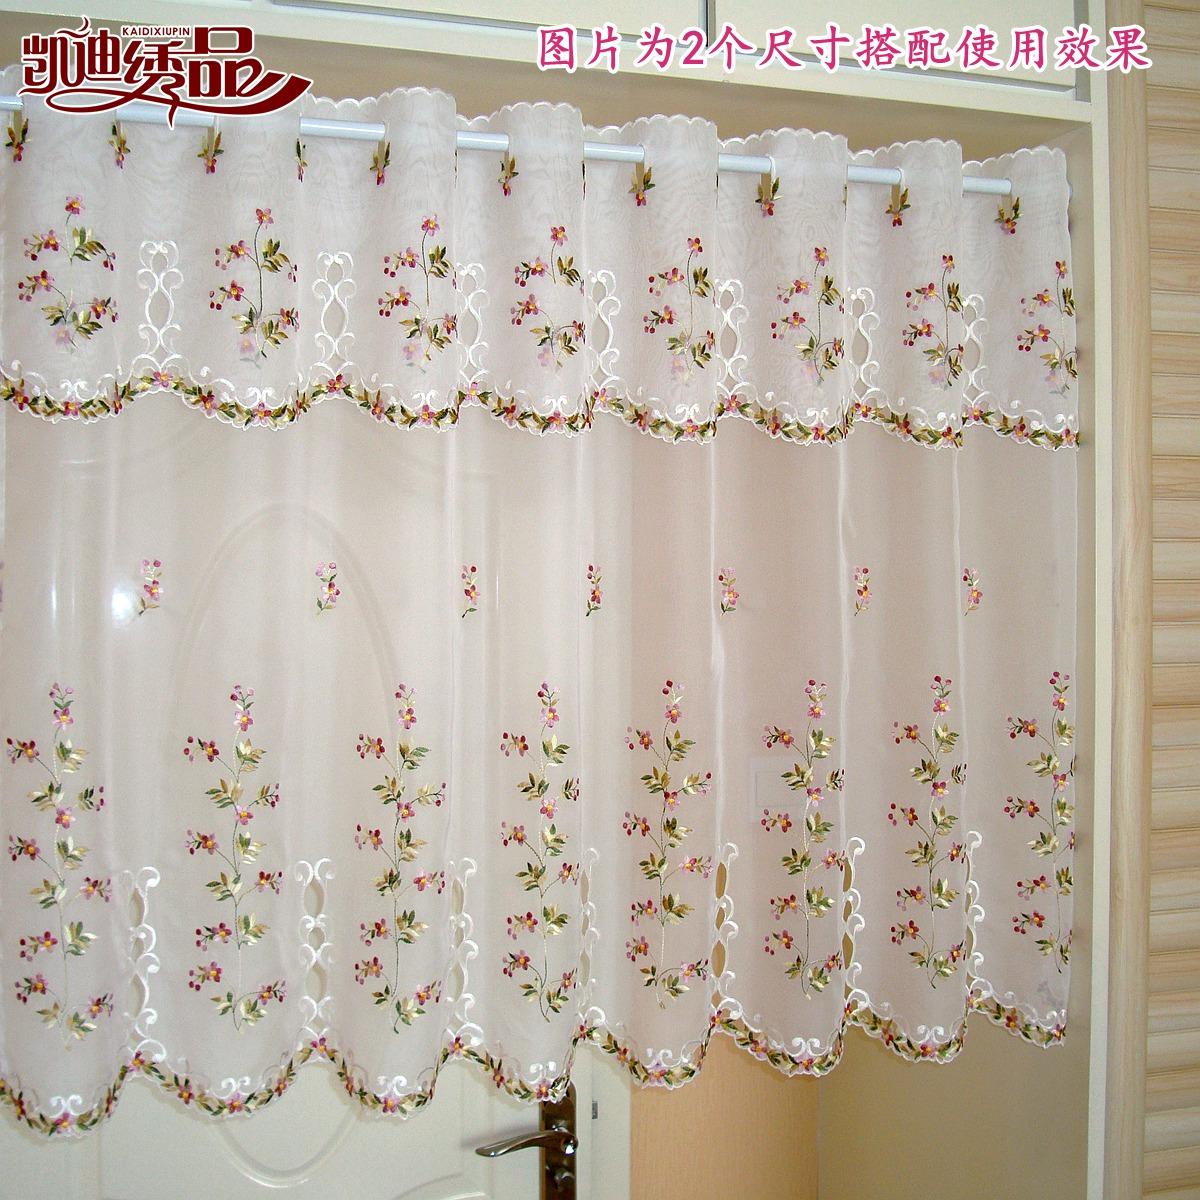 morden tubo rstico cortina de la ventana cortina tela del bordado corto cocina cafetera cortinas cortina